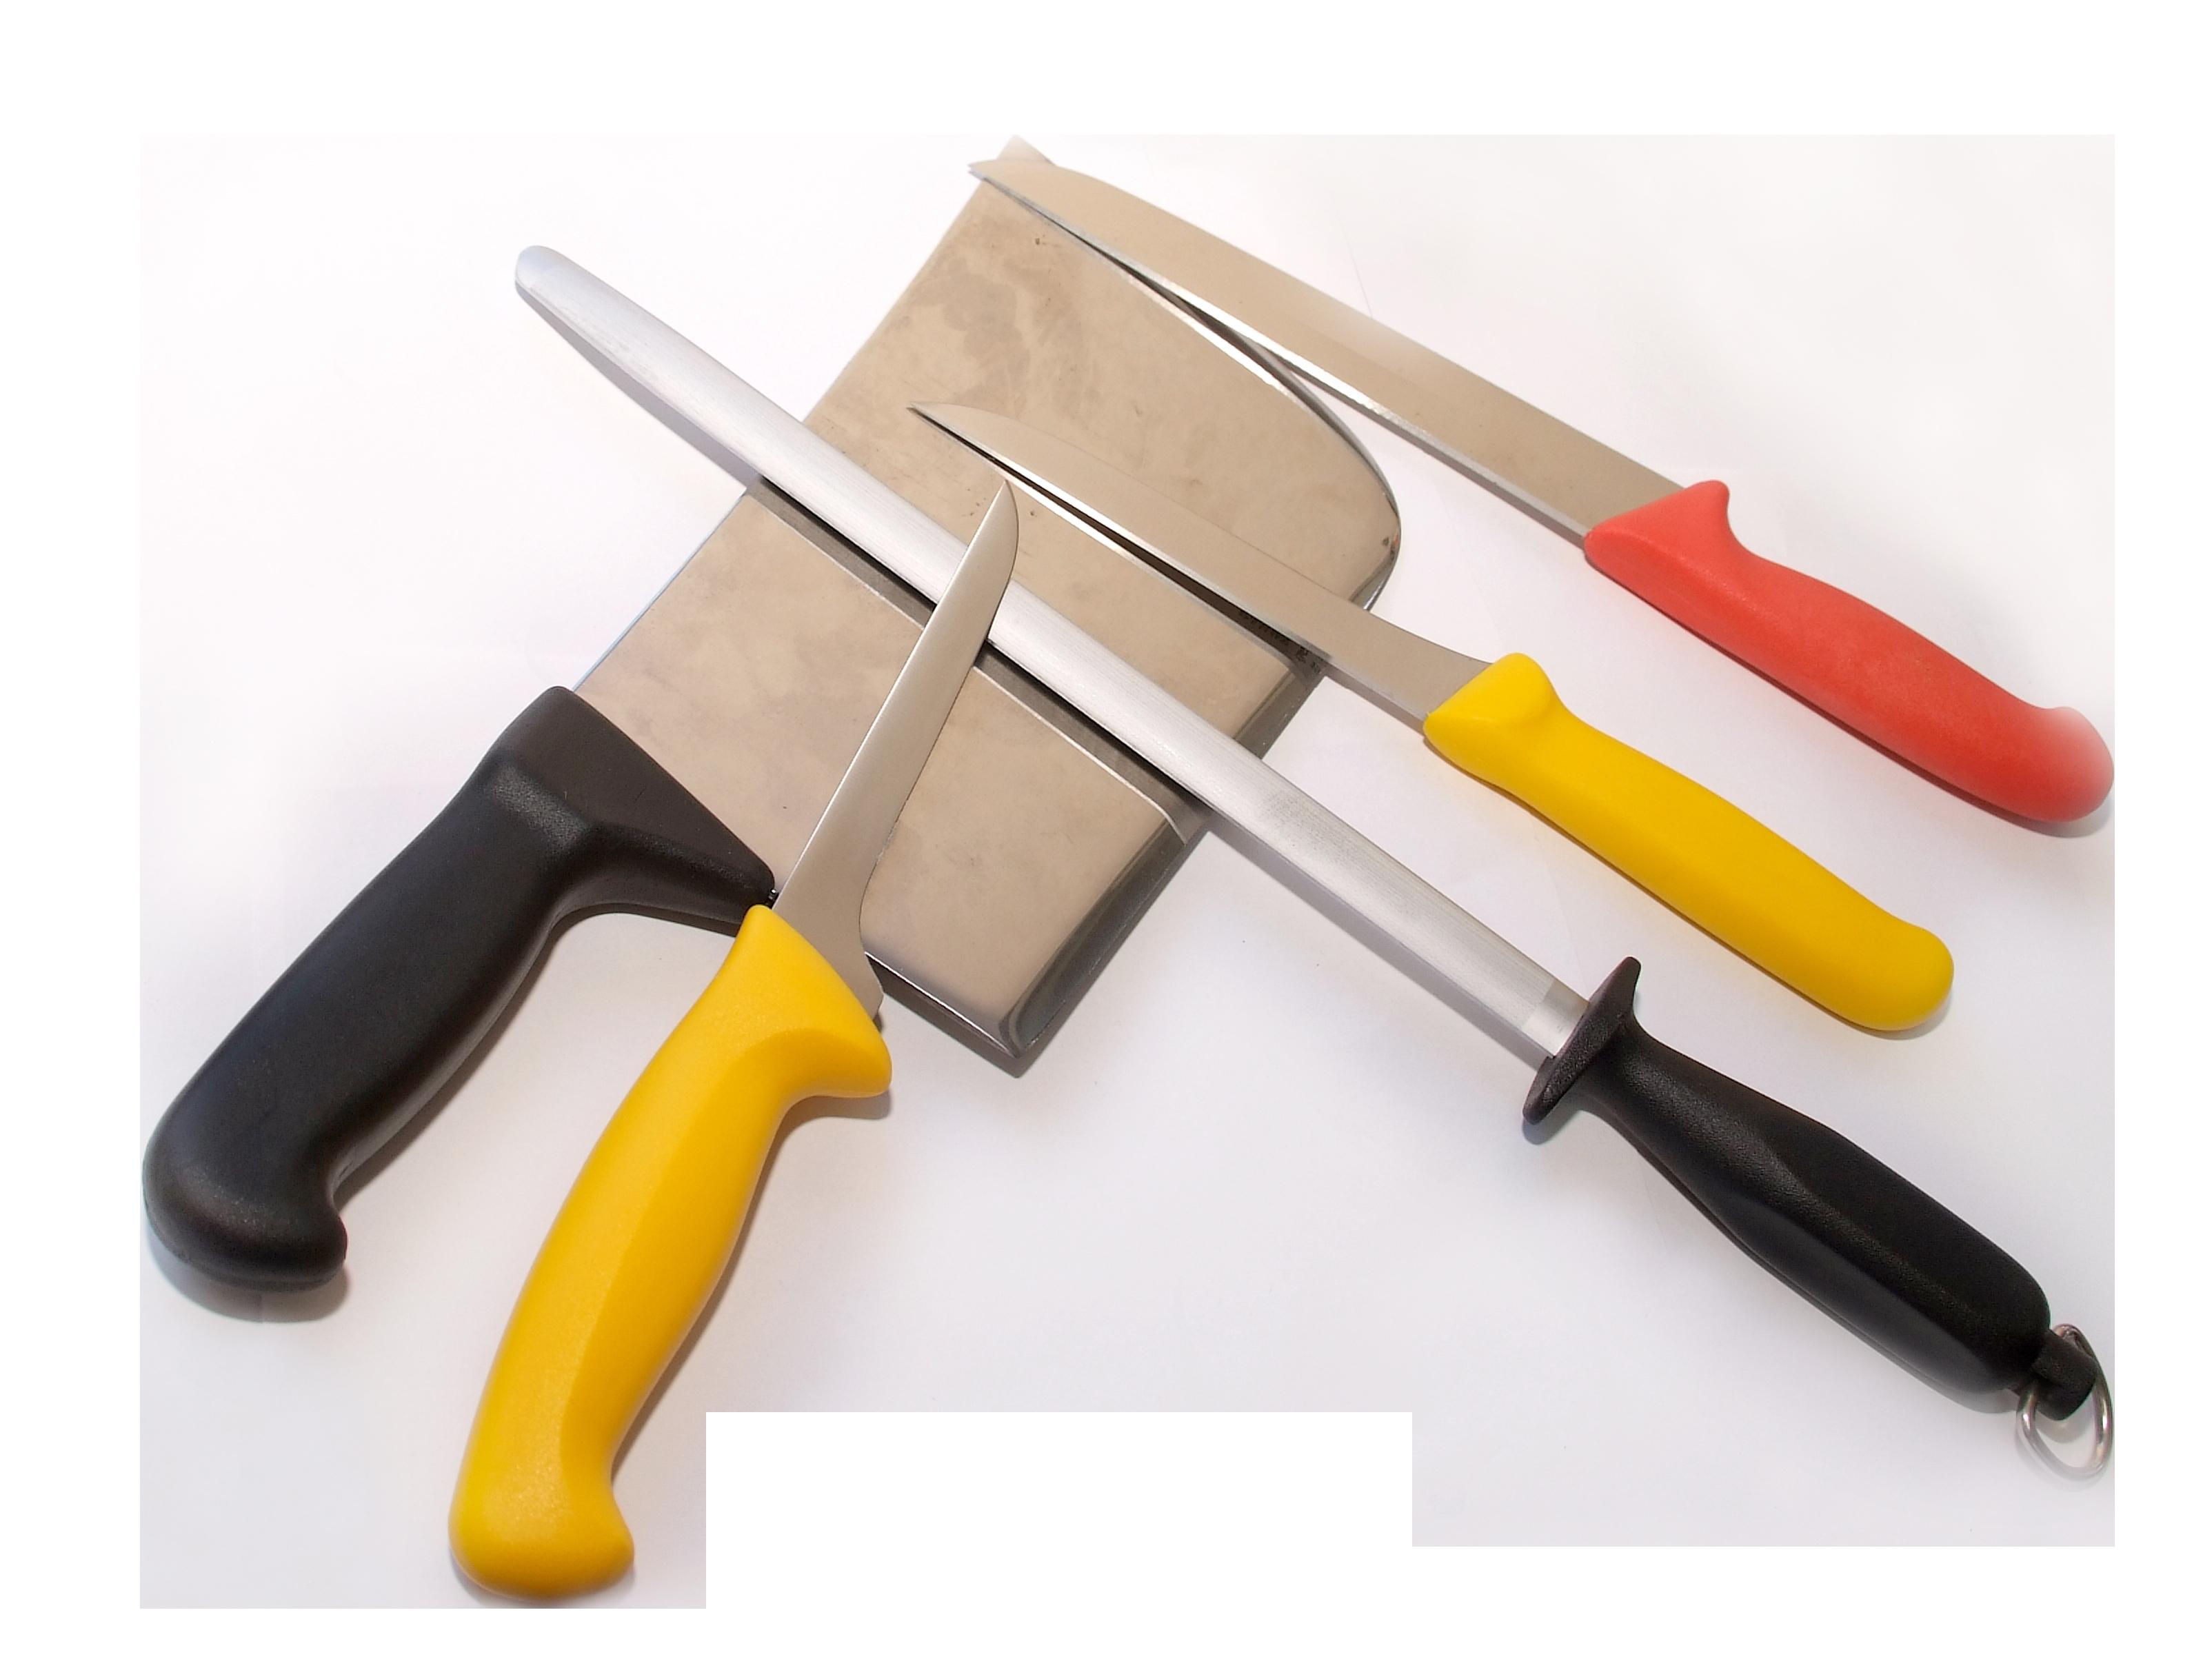 ganivets productes per maances